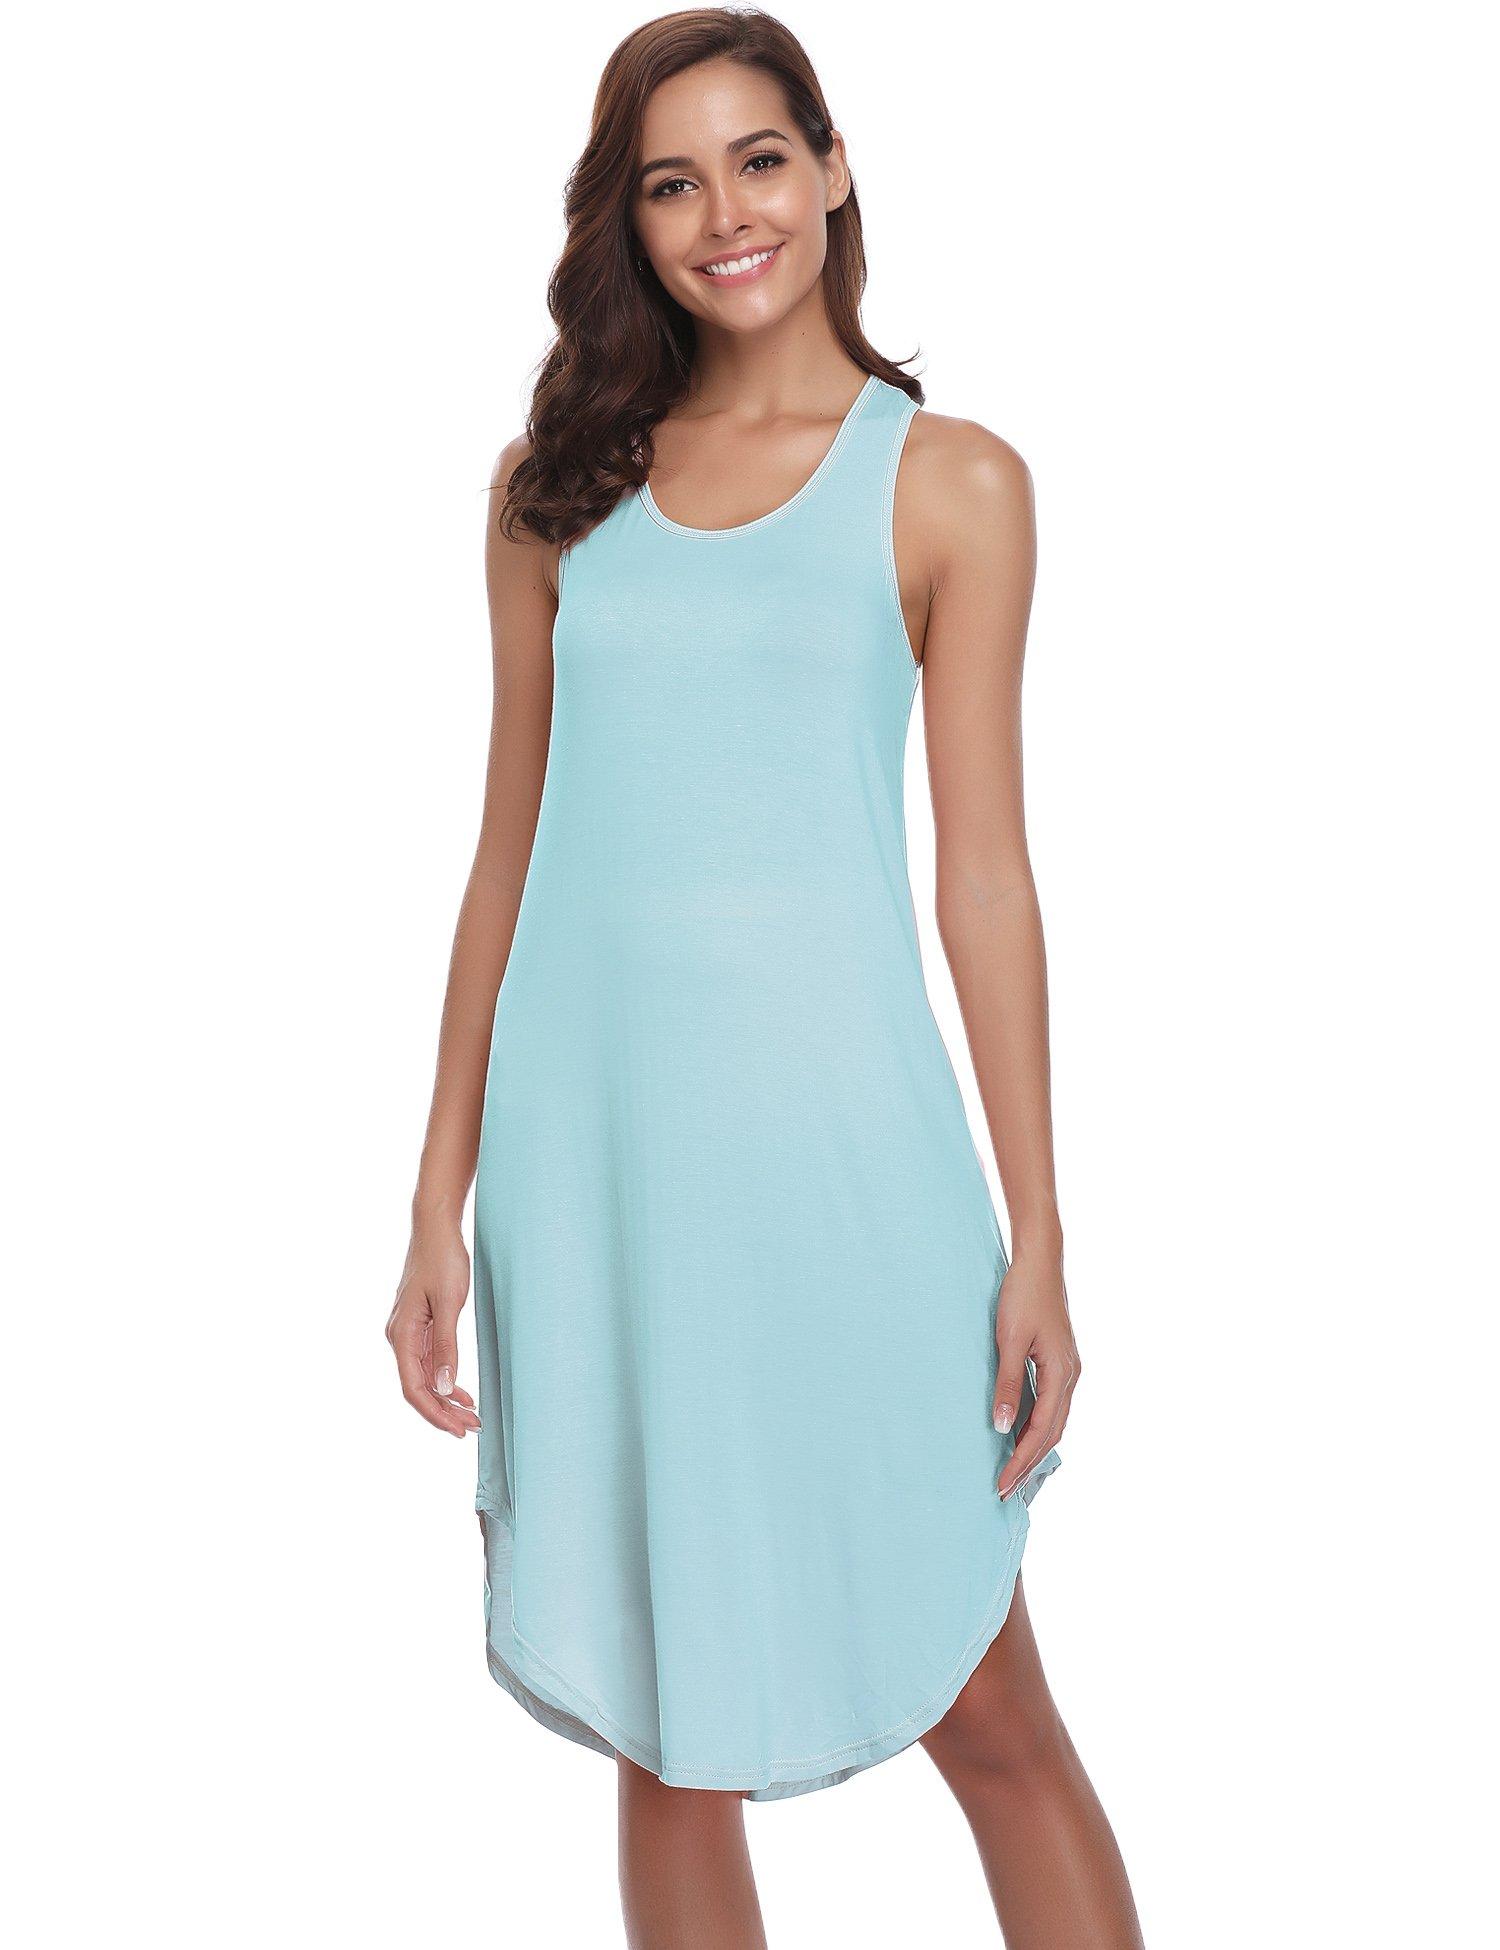 1e97cf86f2756 Aiboria Chemise de Nuit Lingerie Femme Coton sans Manche Robe de Nuit  Casual Robe Femme Pyjama